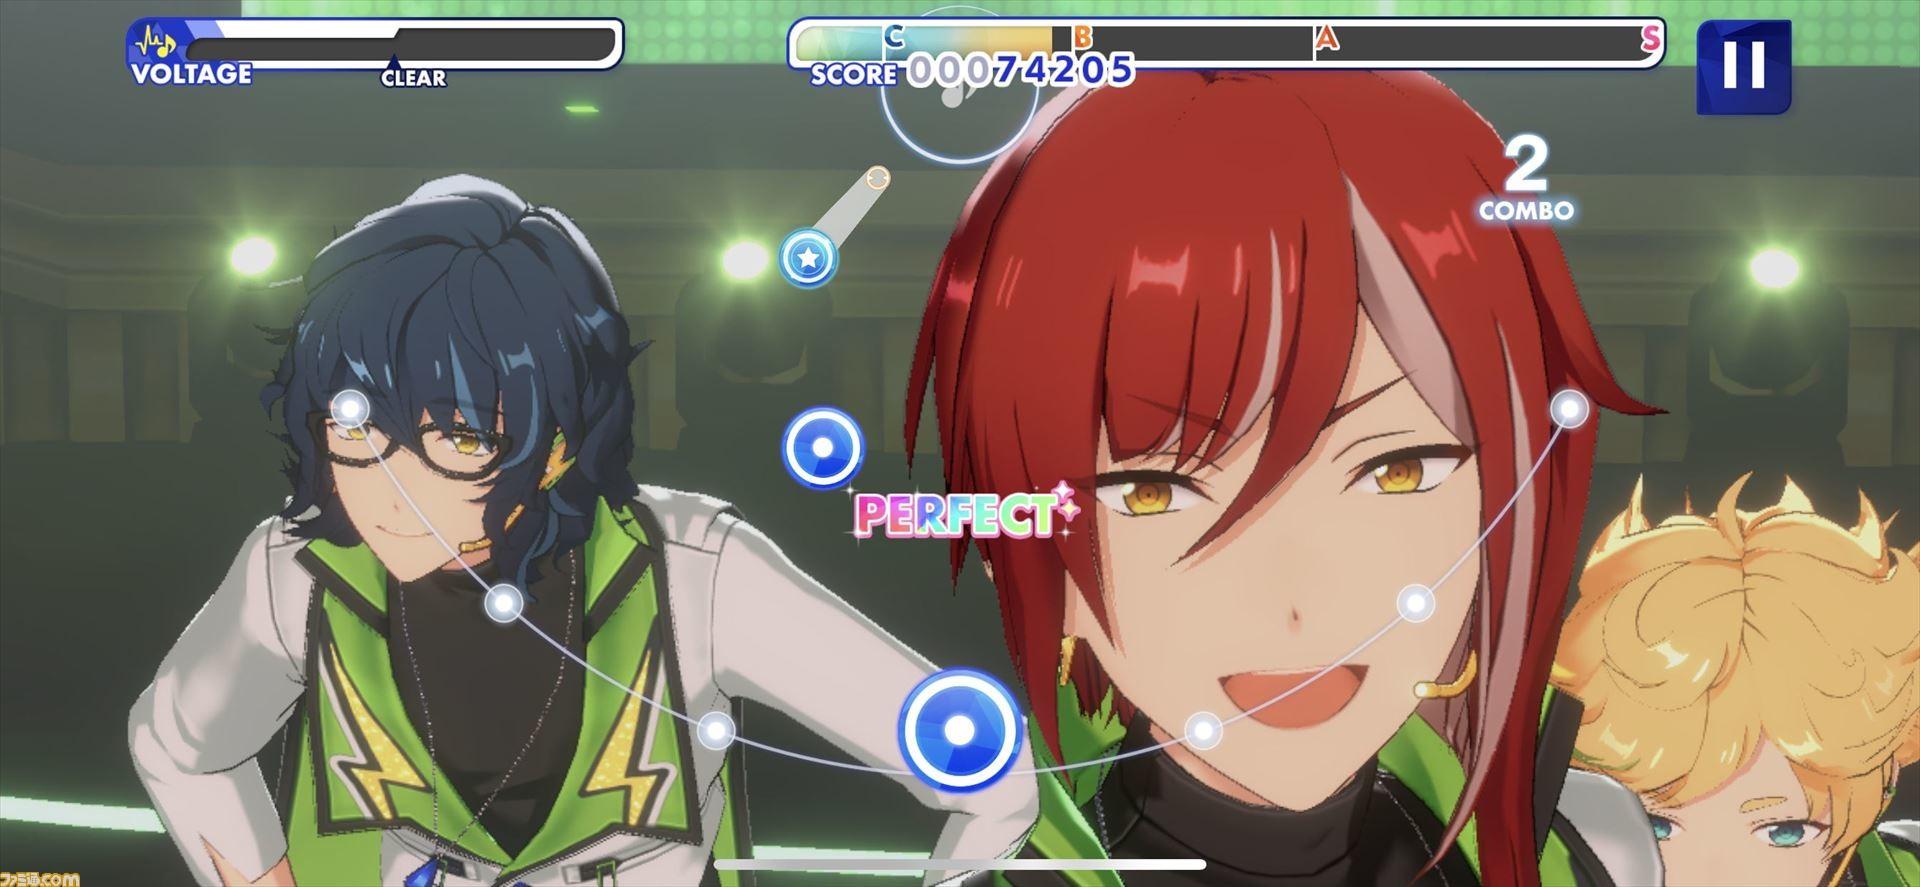 출시 임박! 아이돌 육성 게임 앙상블스타즈!!를 PC에서 더 큰 화면으로 만나봐요